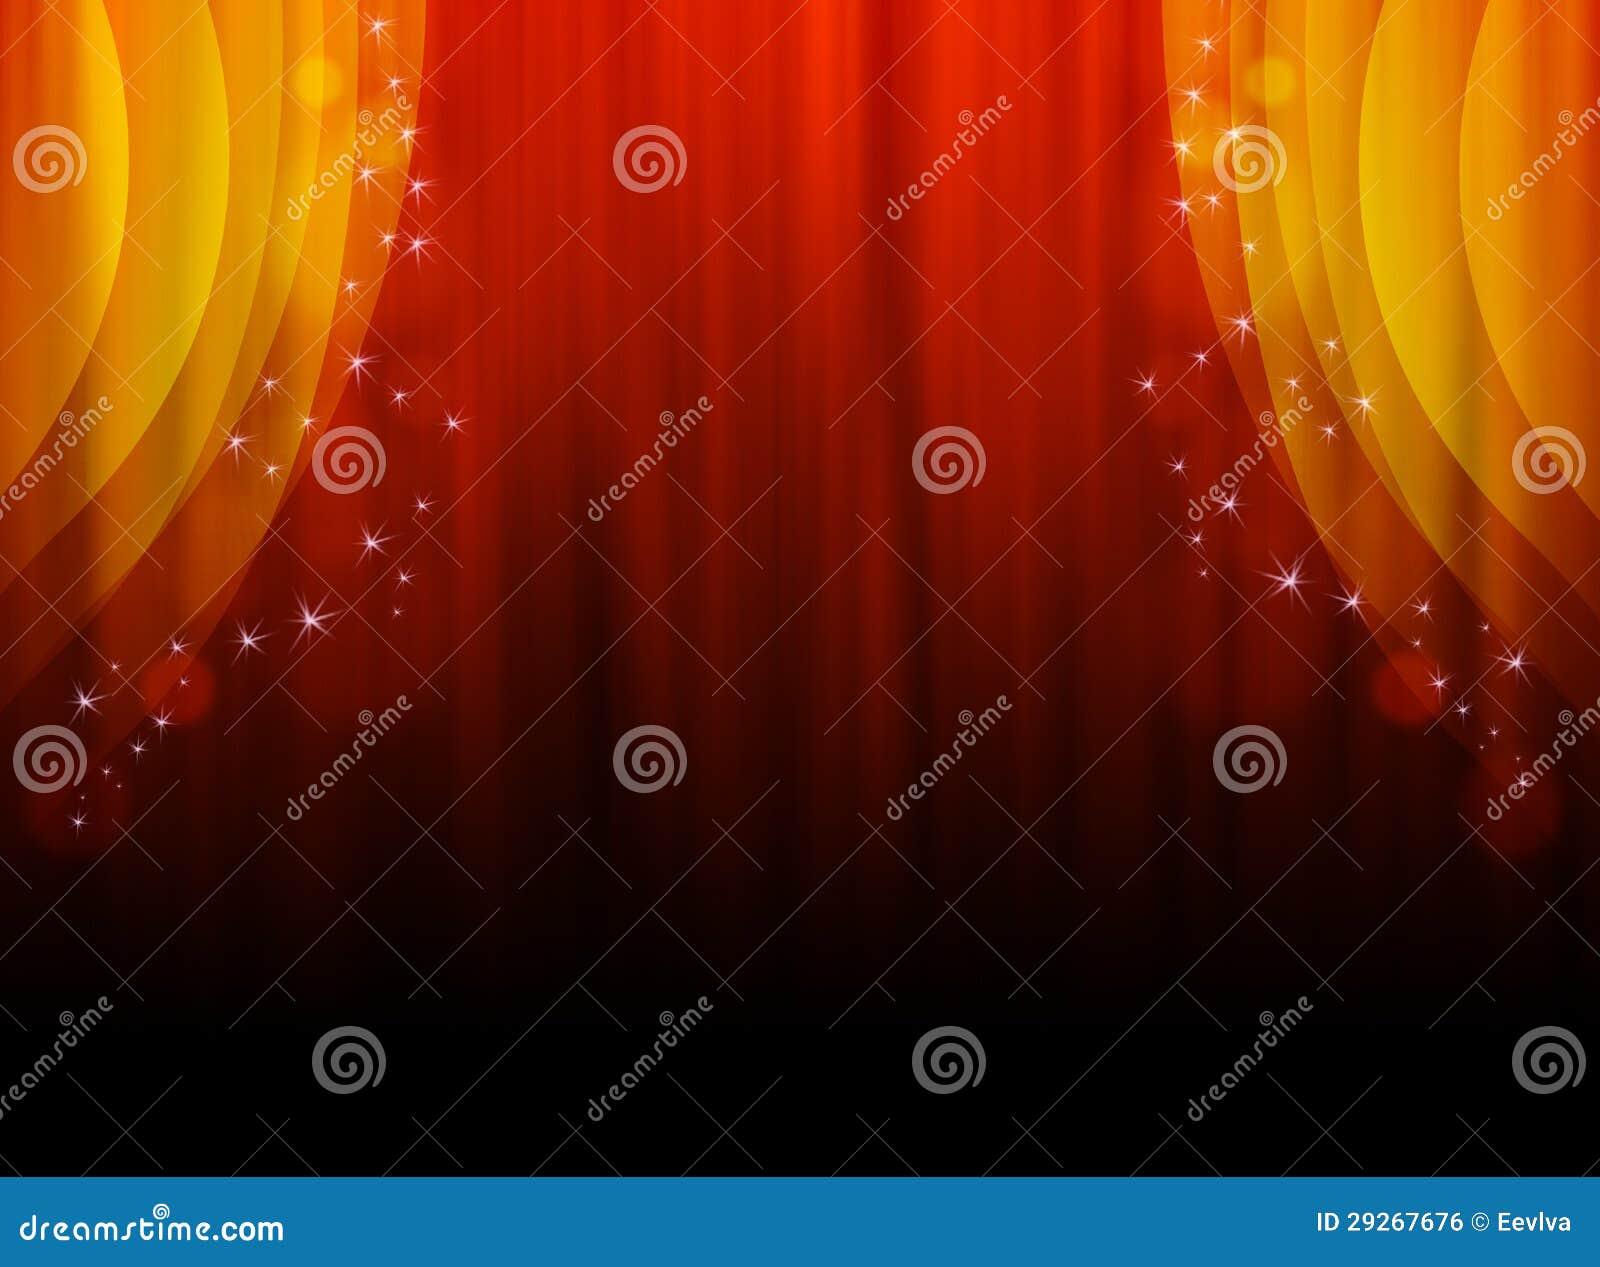 Illustratie van een rood oranje gordijn. royalty vrije stock ...